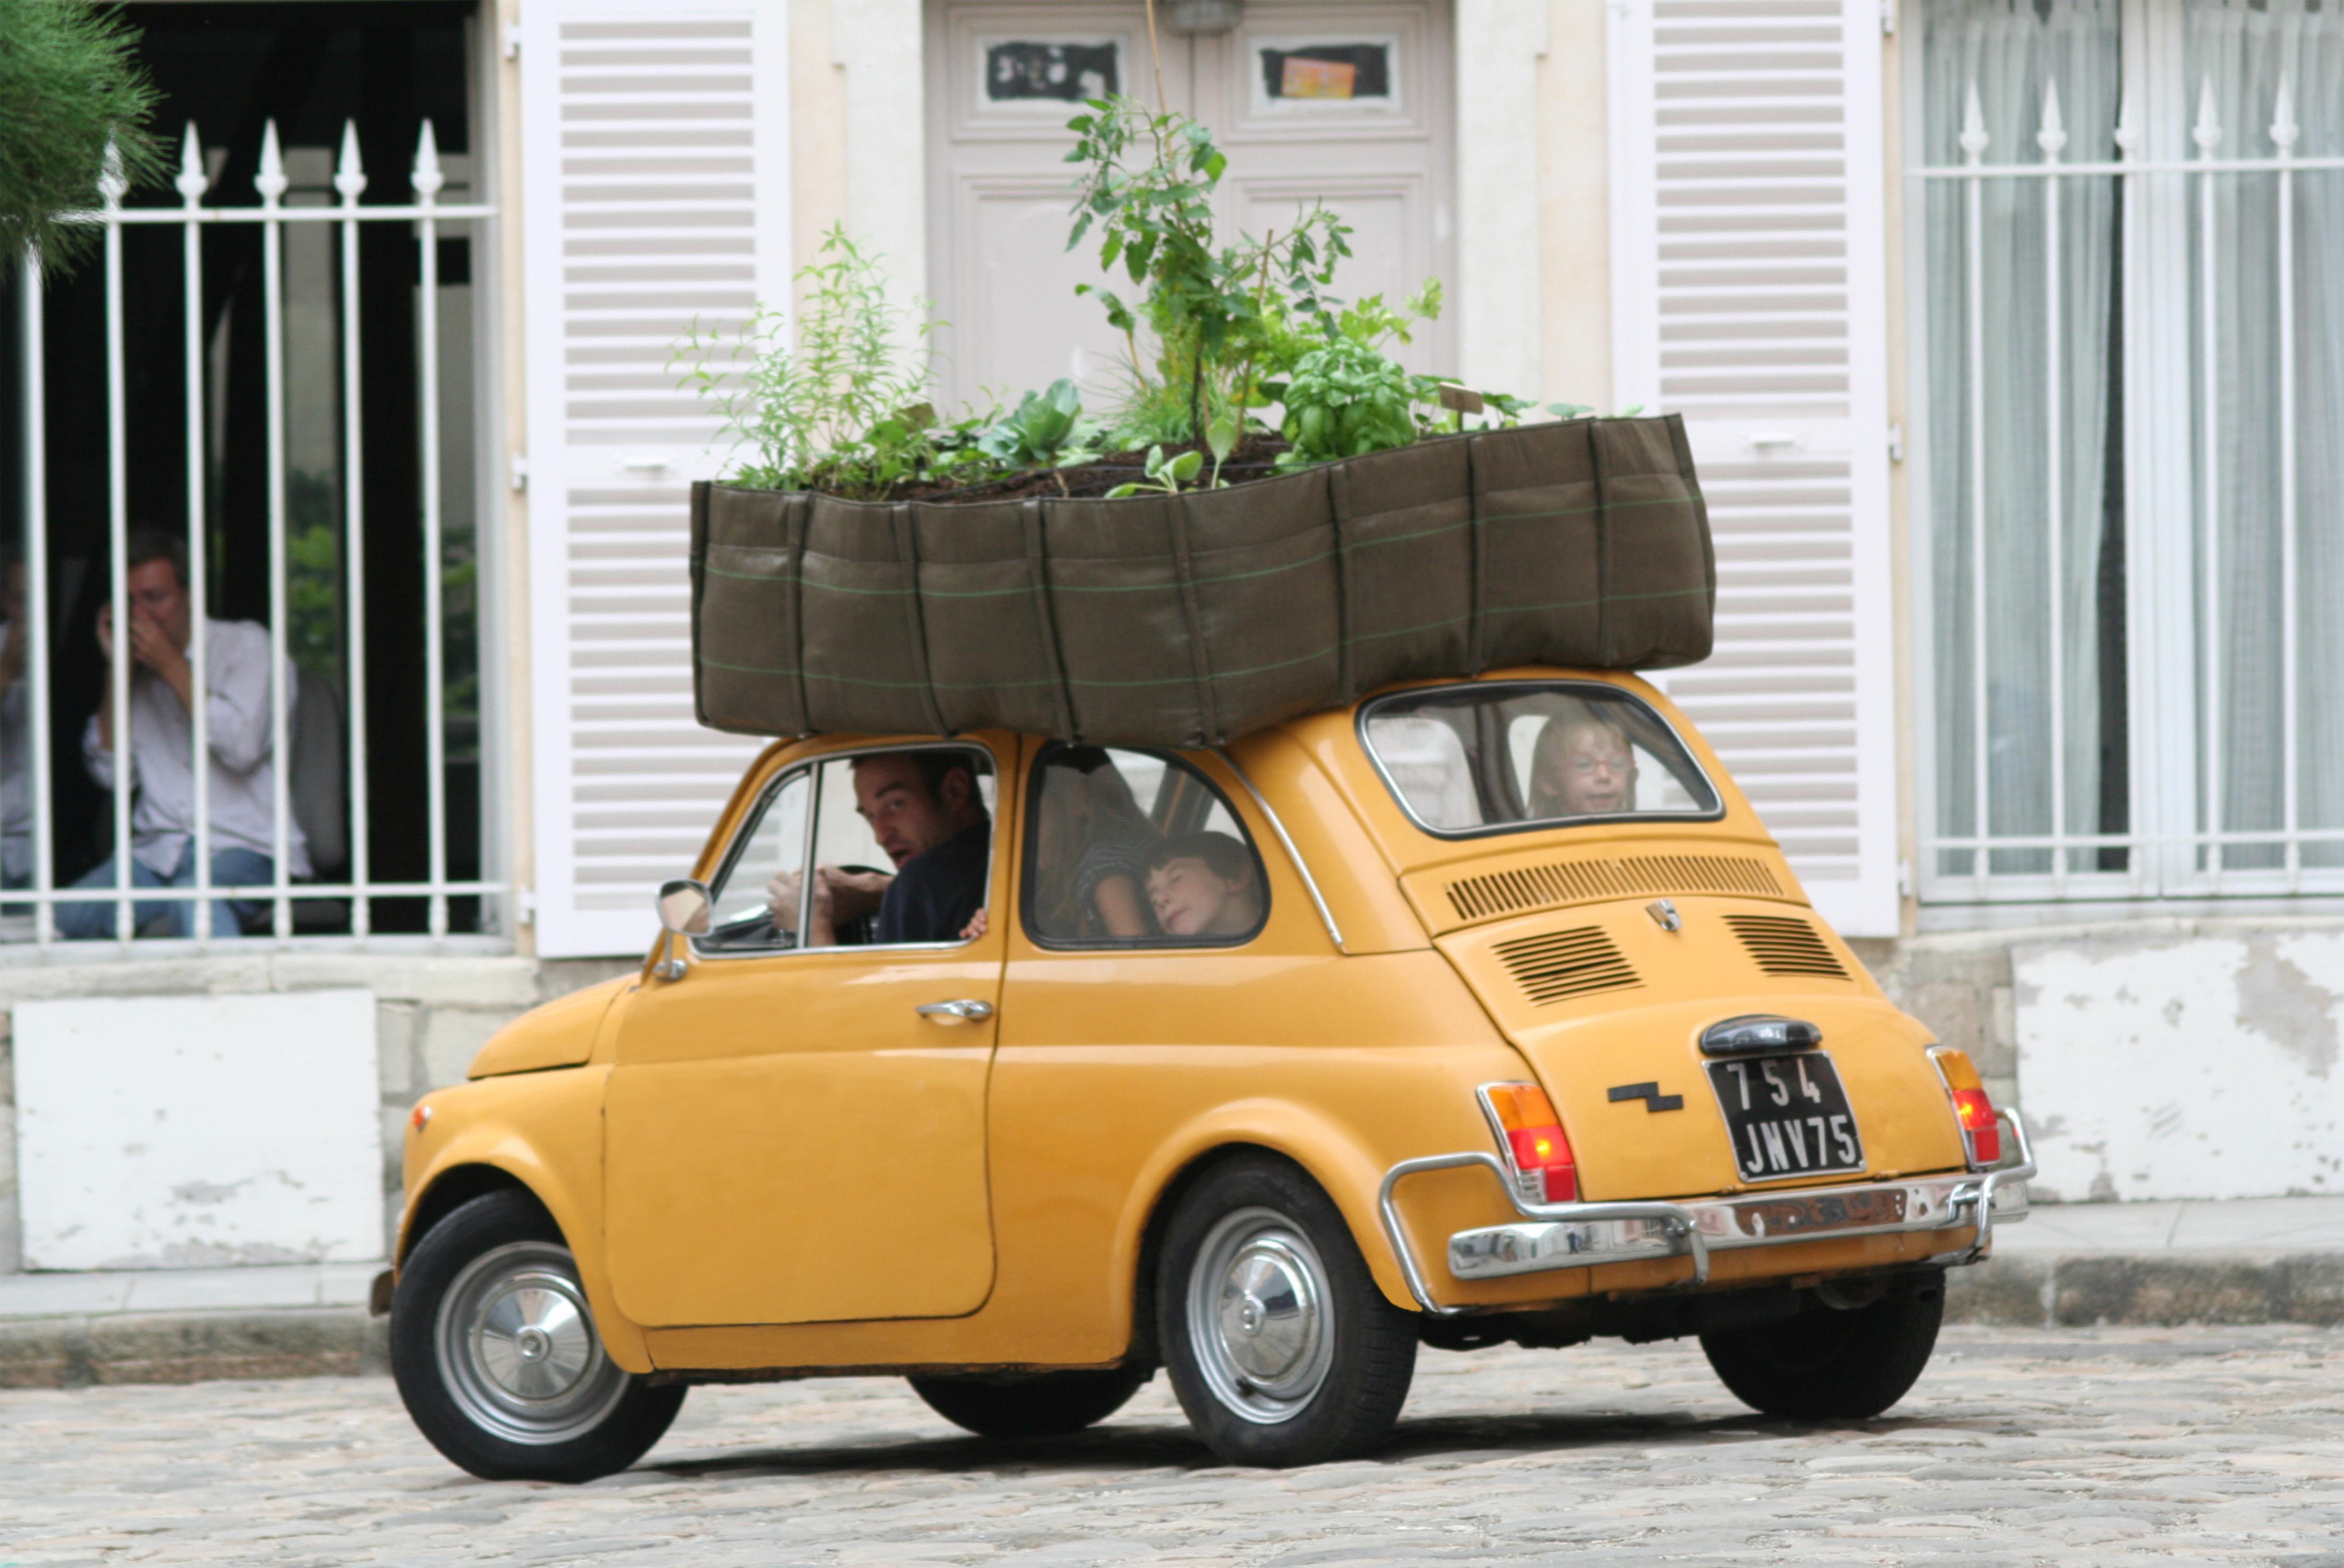 Comment Arroser Jardin Pendant Vacances comment arroser ses plantes pendant les vacances ? - bacsac